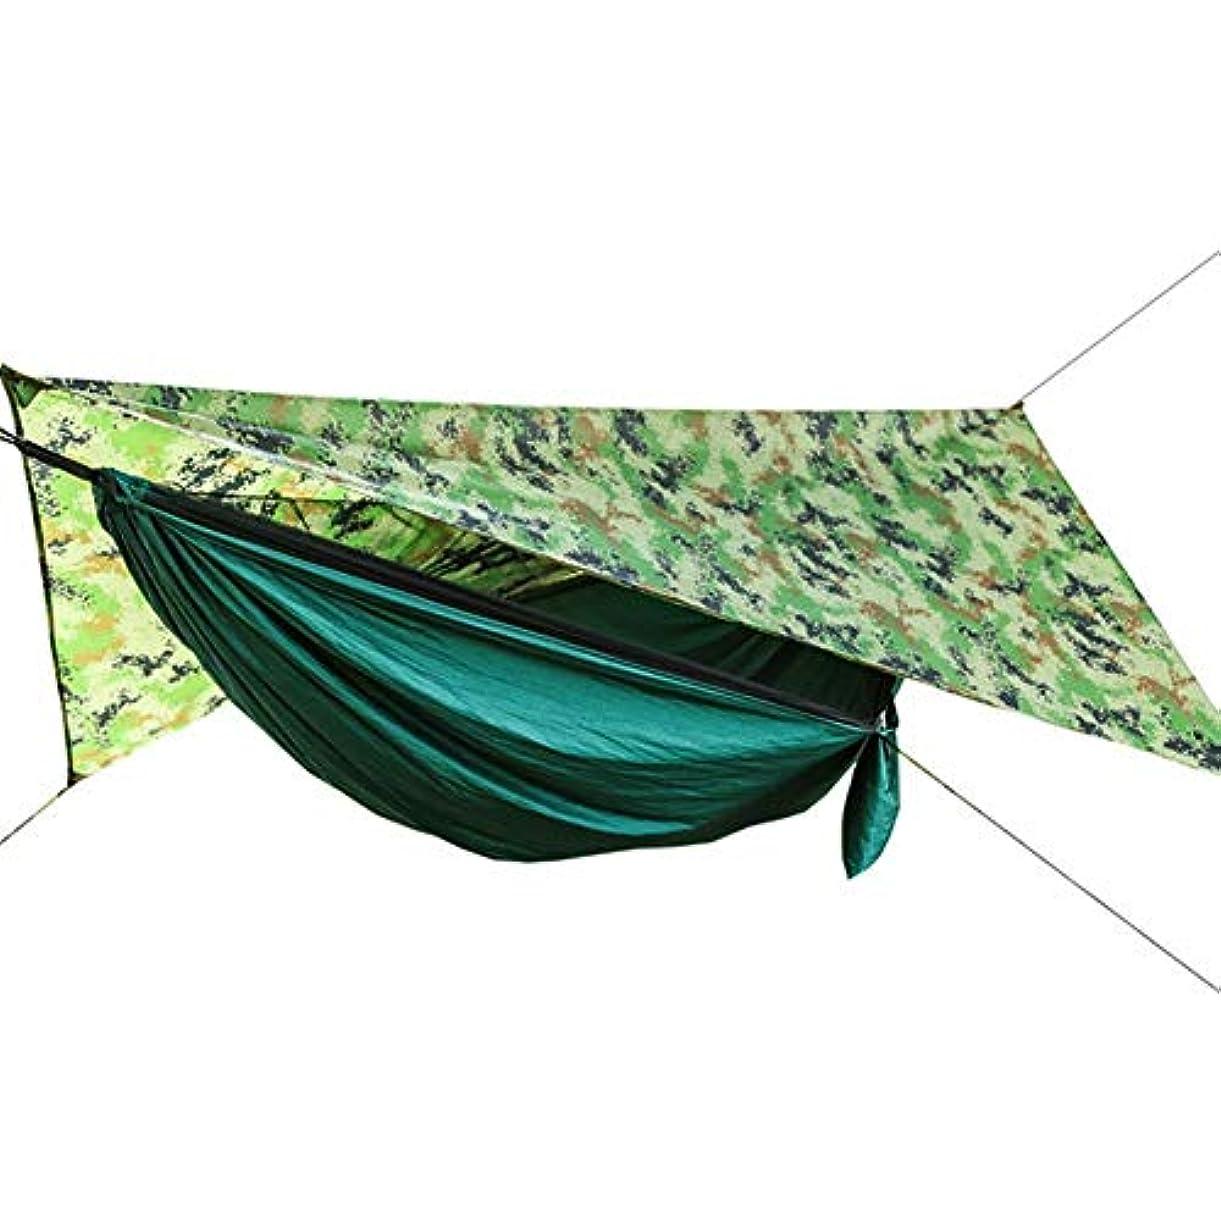 時間とともに男やもめ明らかキャンプハンモック、蚊帳を含む、蚊帳付き自動オープンオープンハンモックセット、防水サンシェードの外側